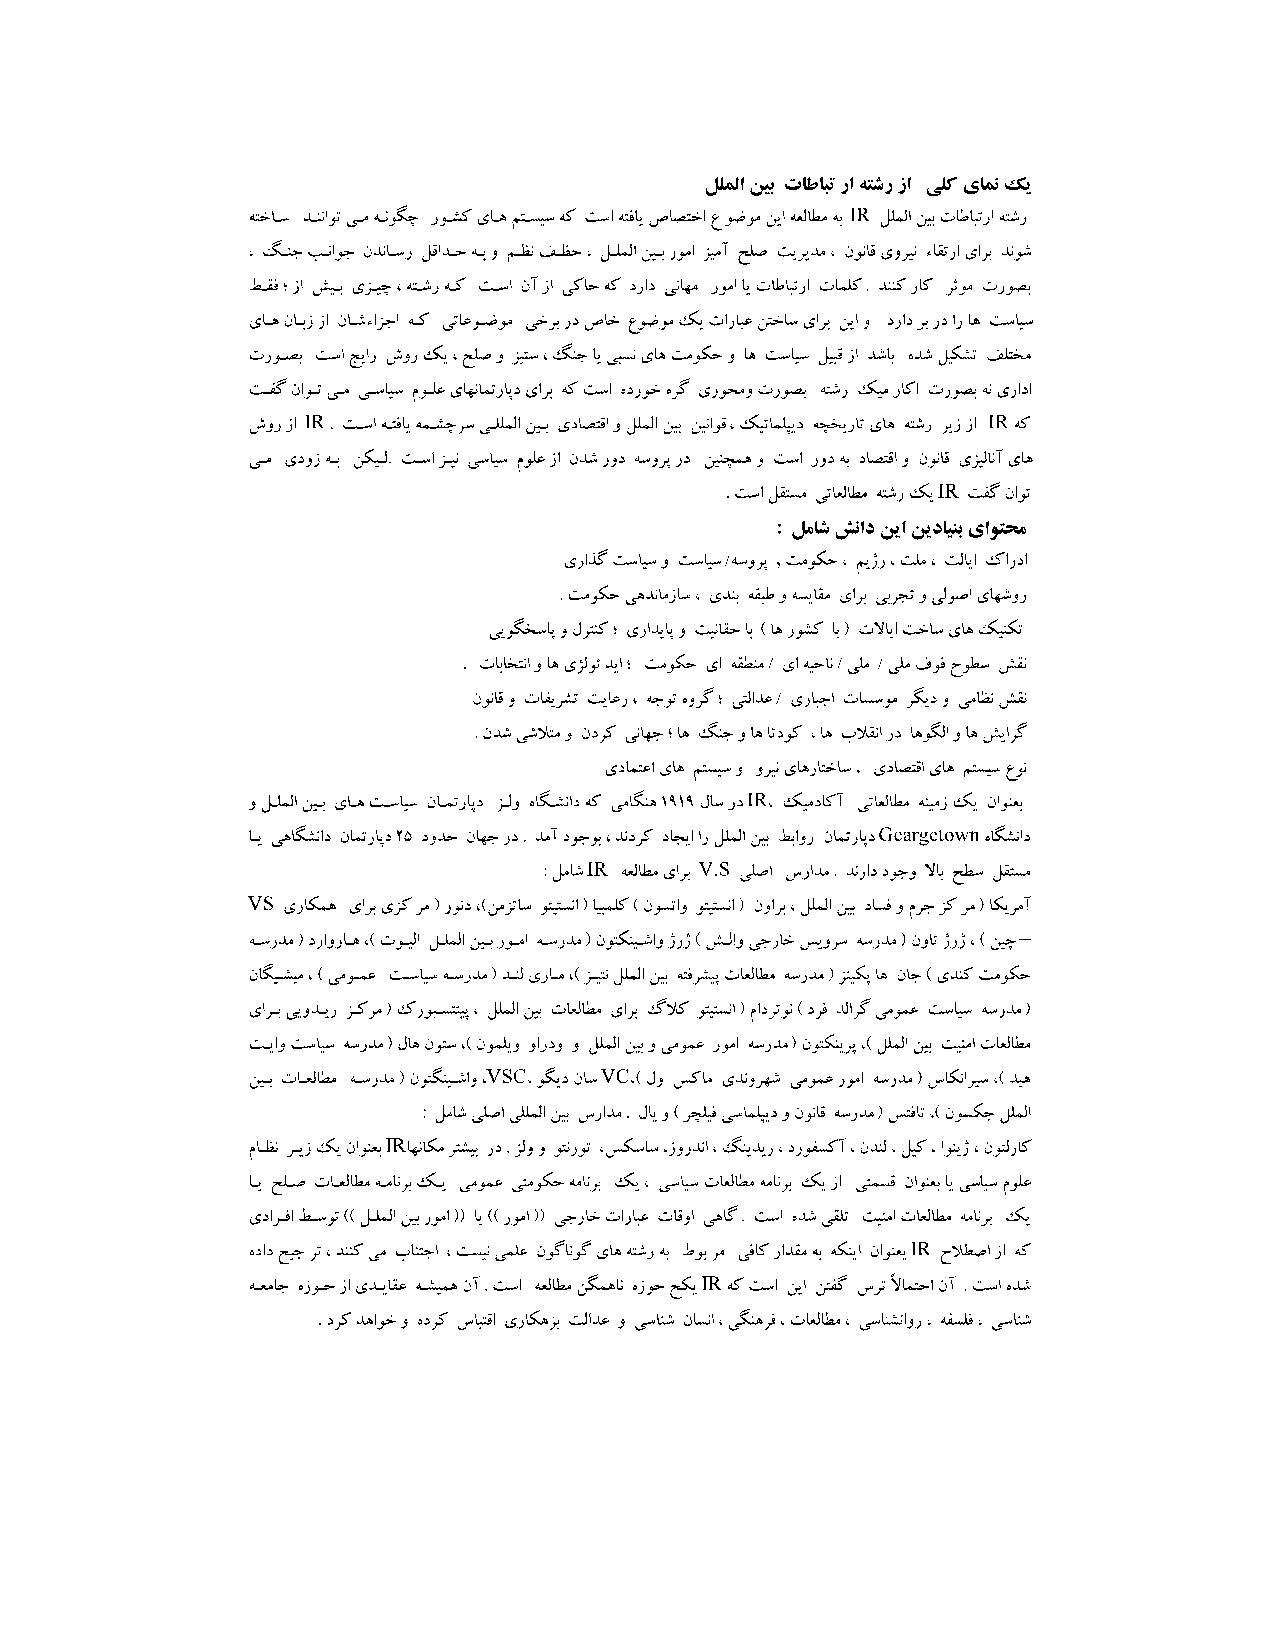 ترجمه مقاله و تحقیق - یک نمای کلی   از رشته ار تباطات  بین الملل31